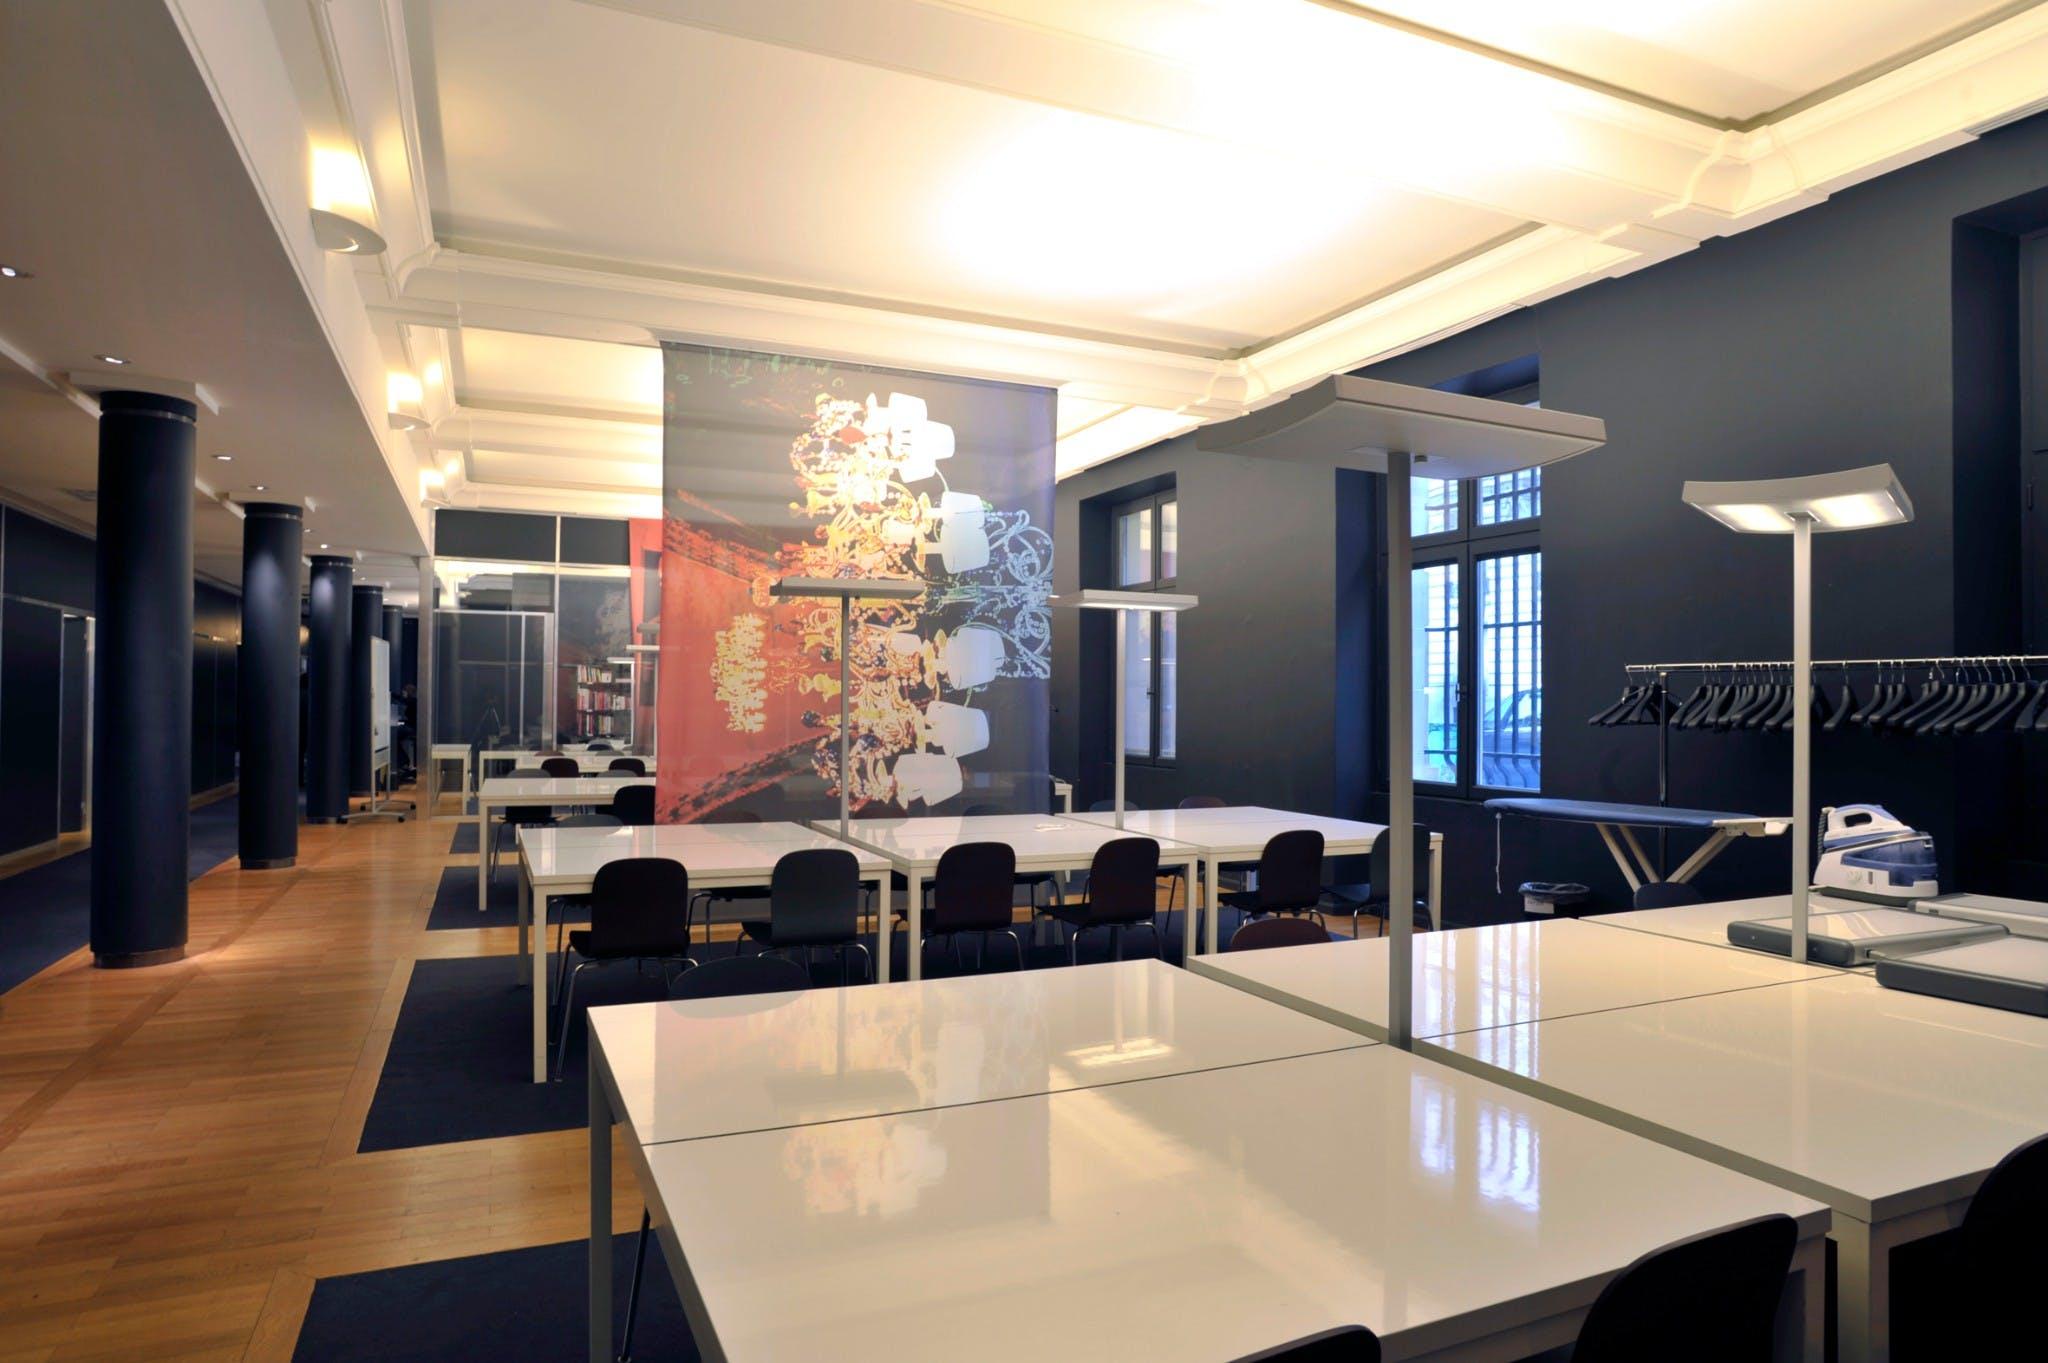 Istituto marangoni cursos profissionalizantes estudar for Istituto grafico pubblicitario milano